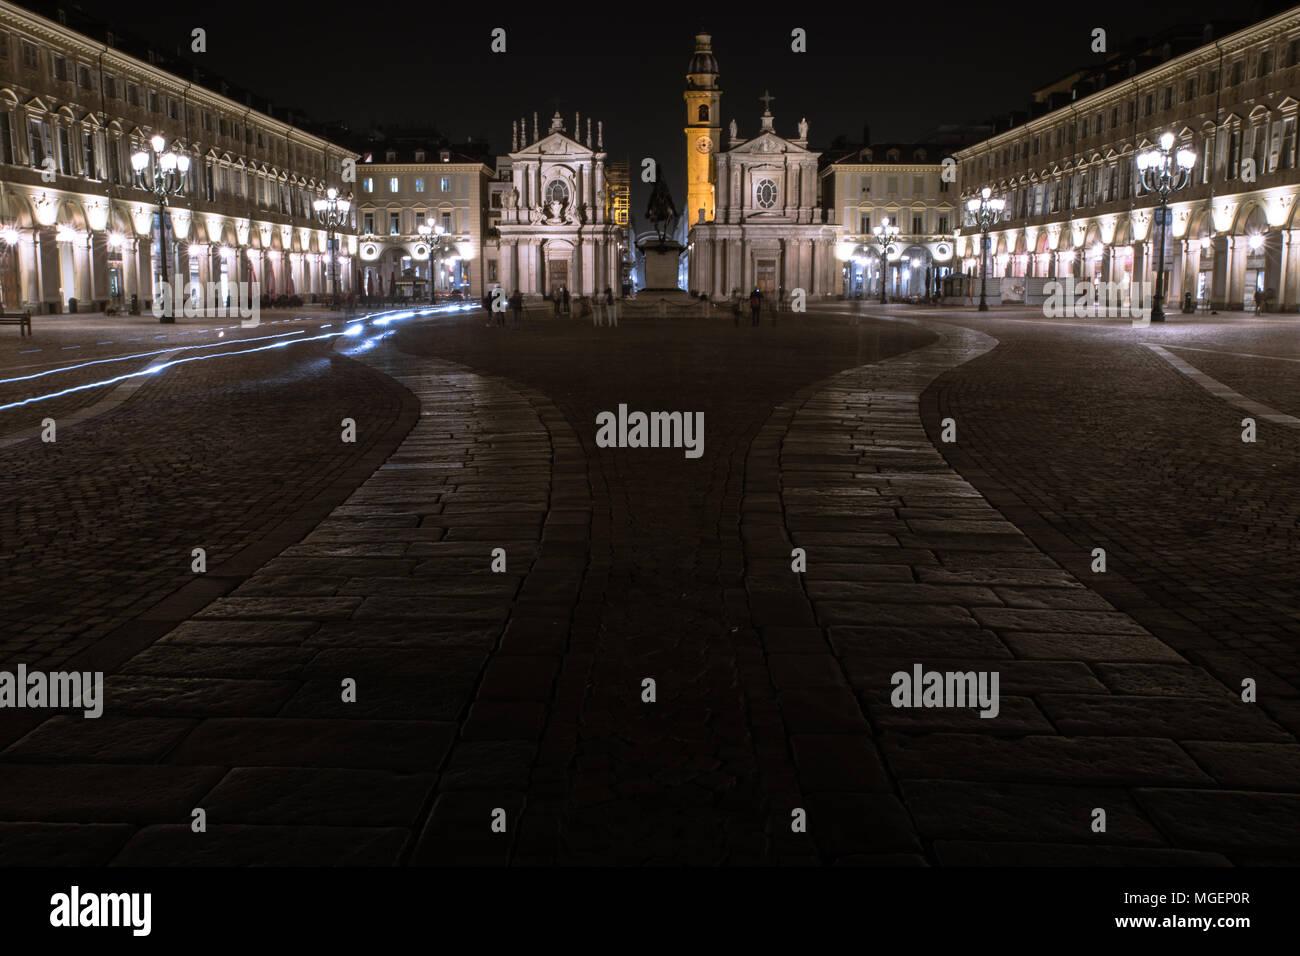 Una de las principales plazas de Turín, Piazza San Carlo, fotografiado en la noche mientras los faros de las motos whiz pasado los monumentos históricos Foto de stock